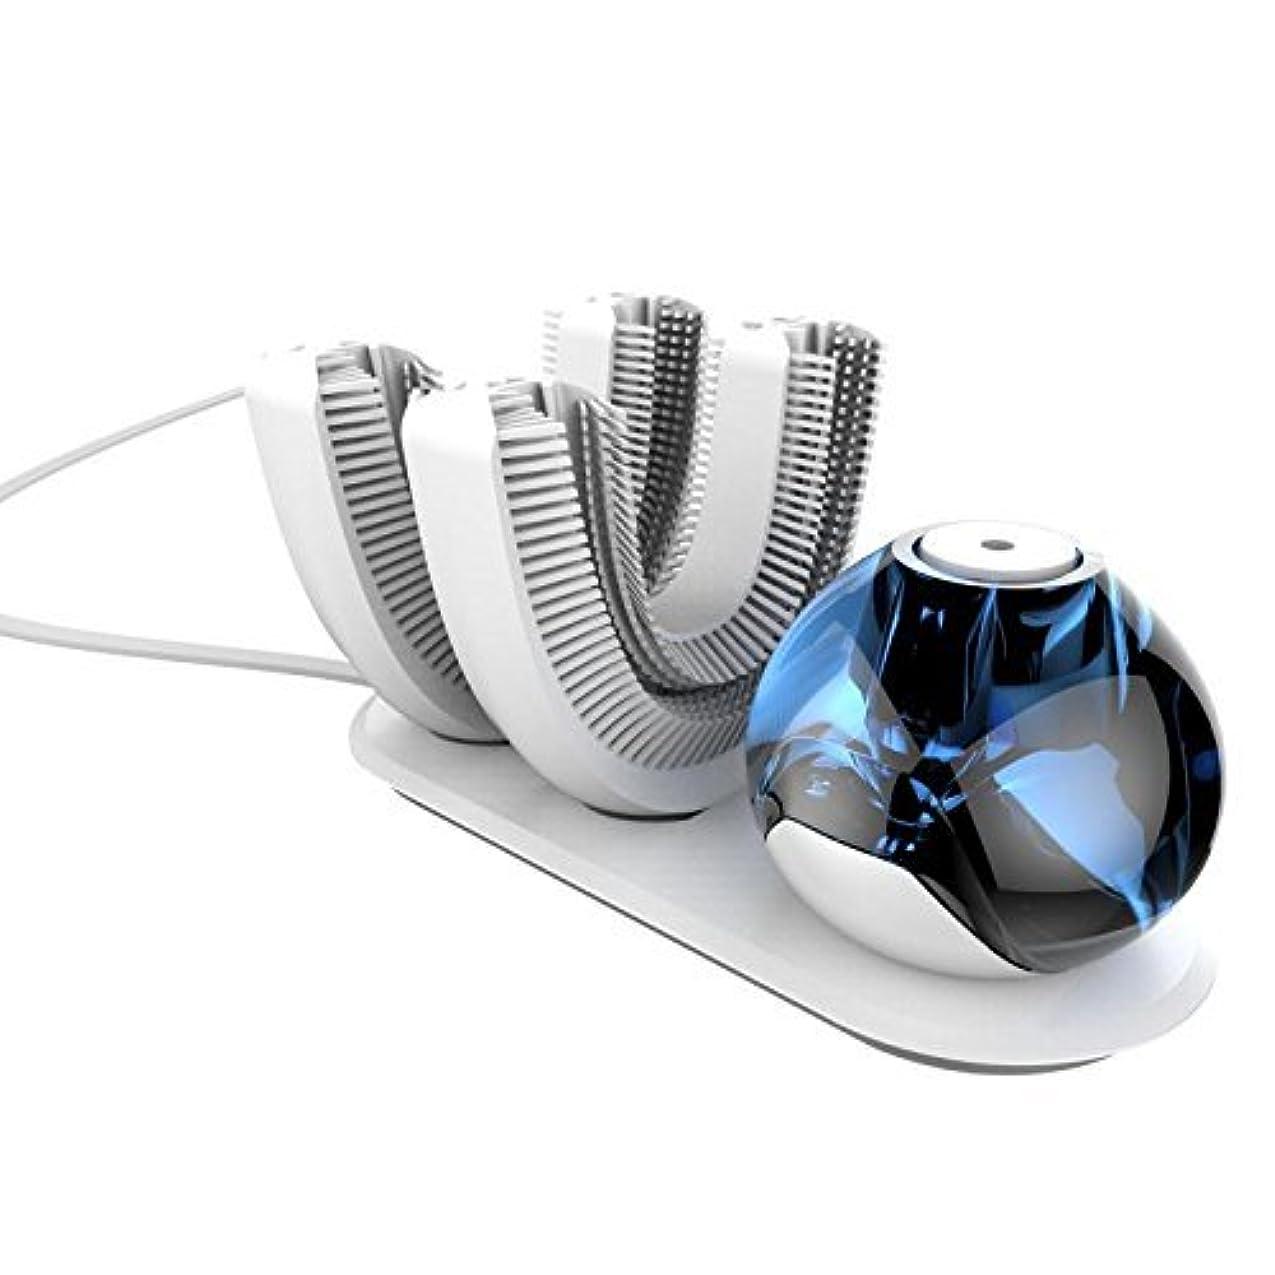 説明的戦争公演怠け者牙刷-電動 U型 超音波 専門370°全方位 自動歯ブラシ ワイヤレス充電 成人 怠け者 ユニークなU字型のマウスピース わずか10秒で歯磨き 自動バブル 2本の歯ブラシヘッド付き あなたの手を解放 磁気吸引接続...